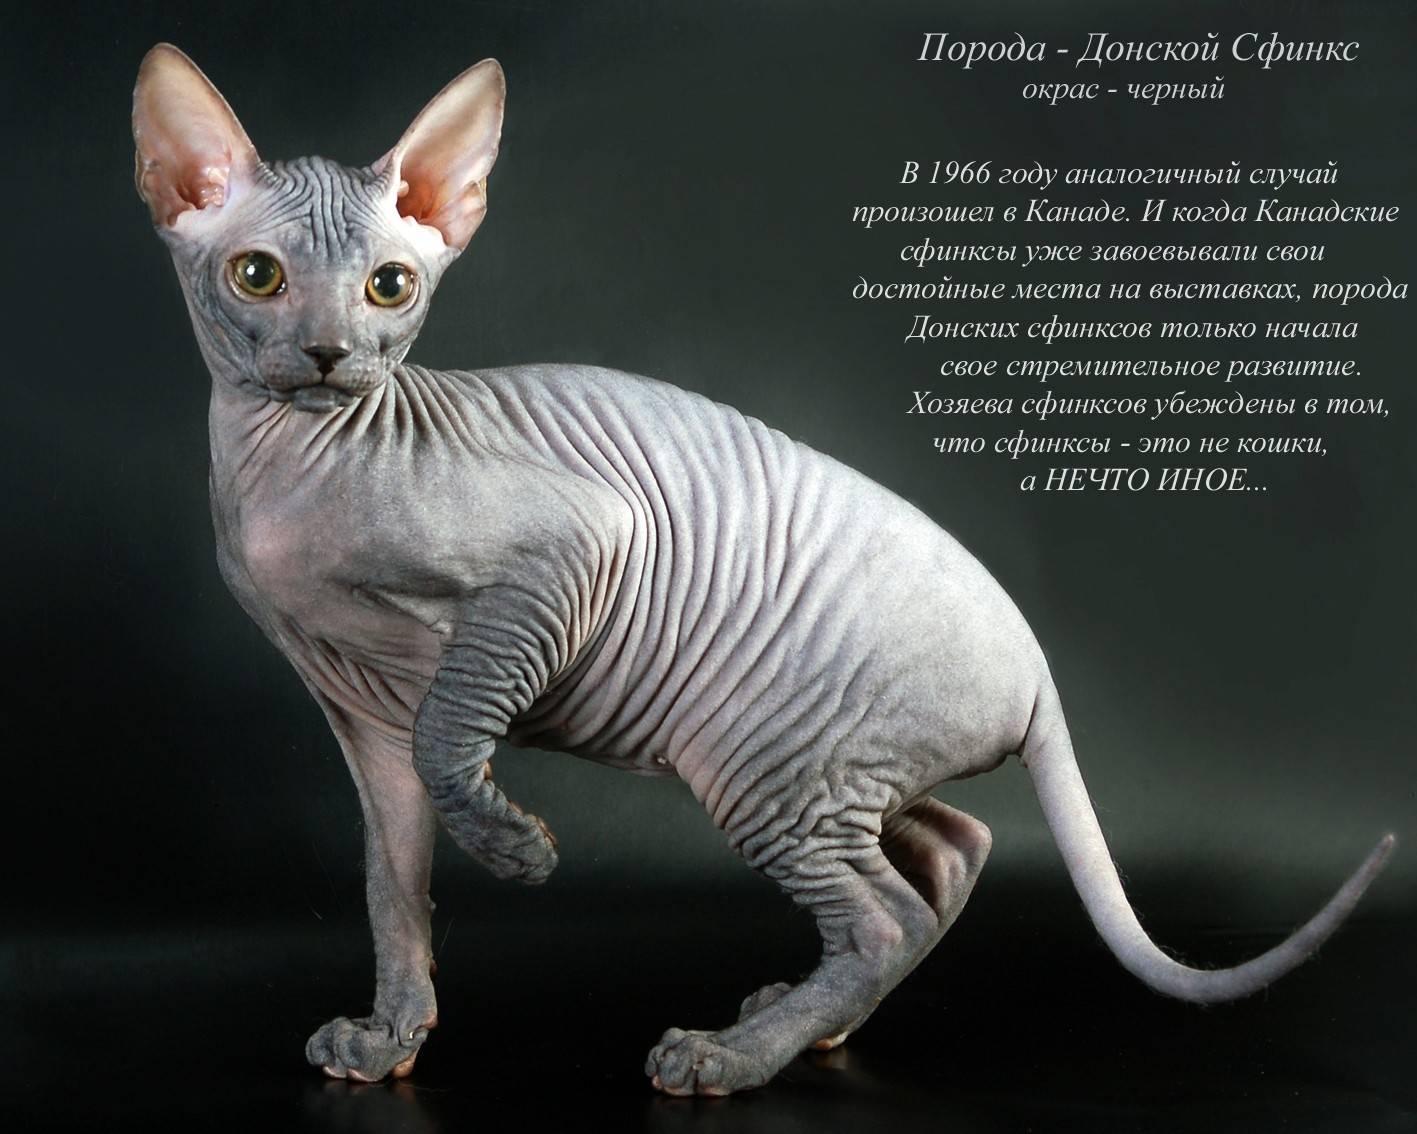 Сколько стоит кошка сфинкс в россии в рублях